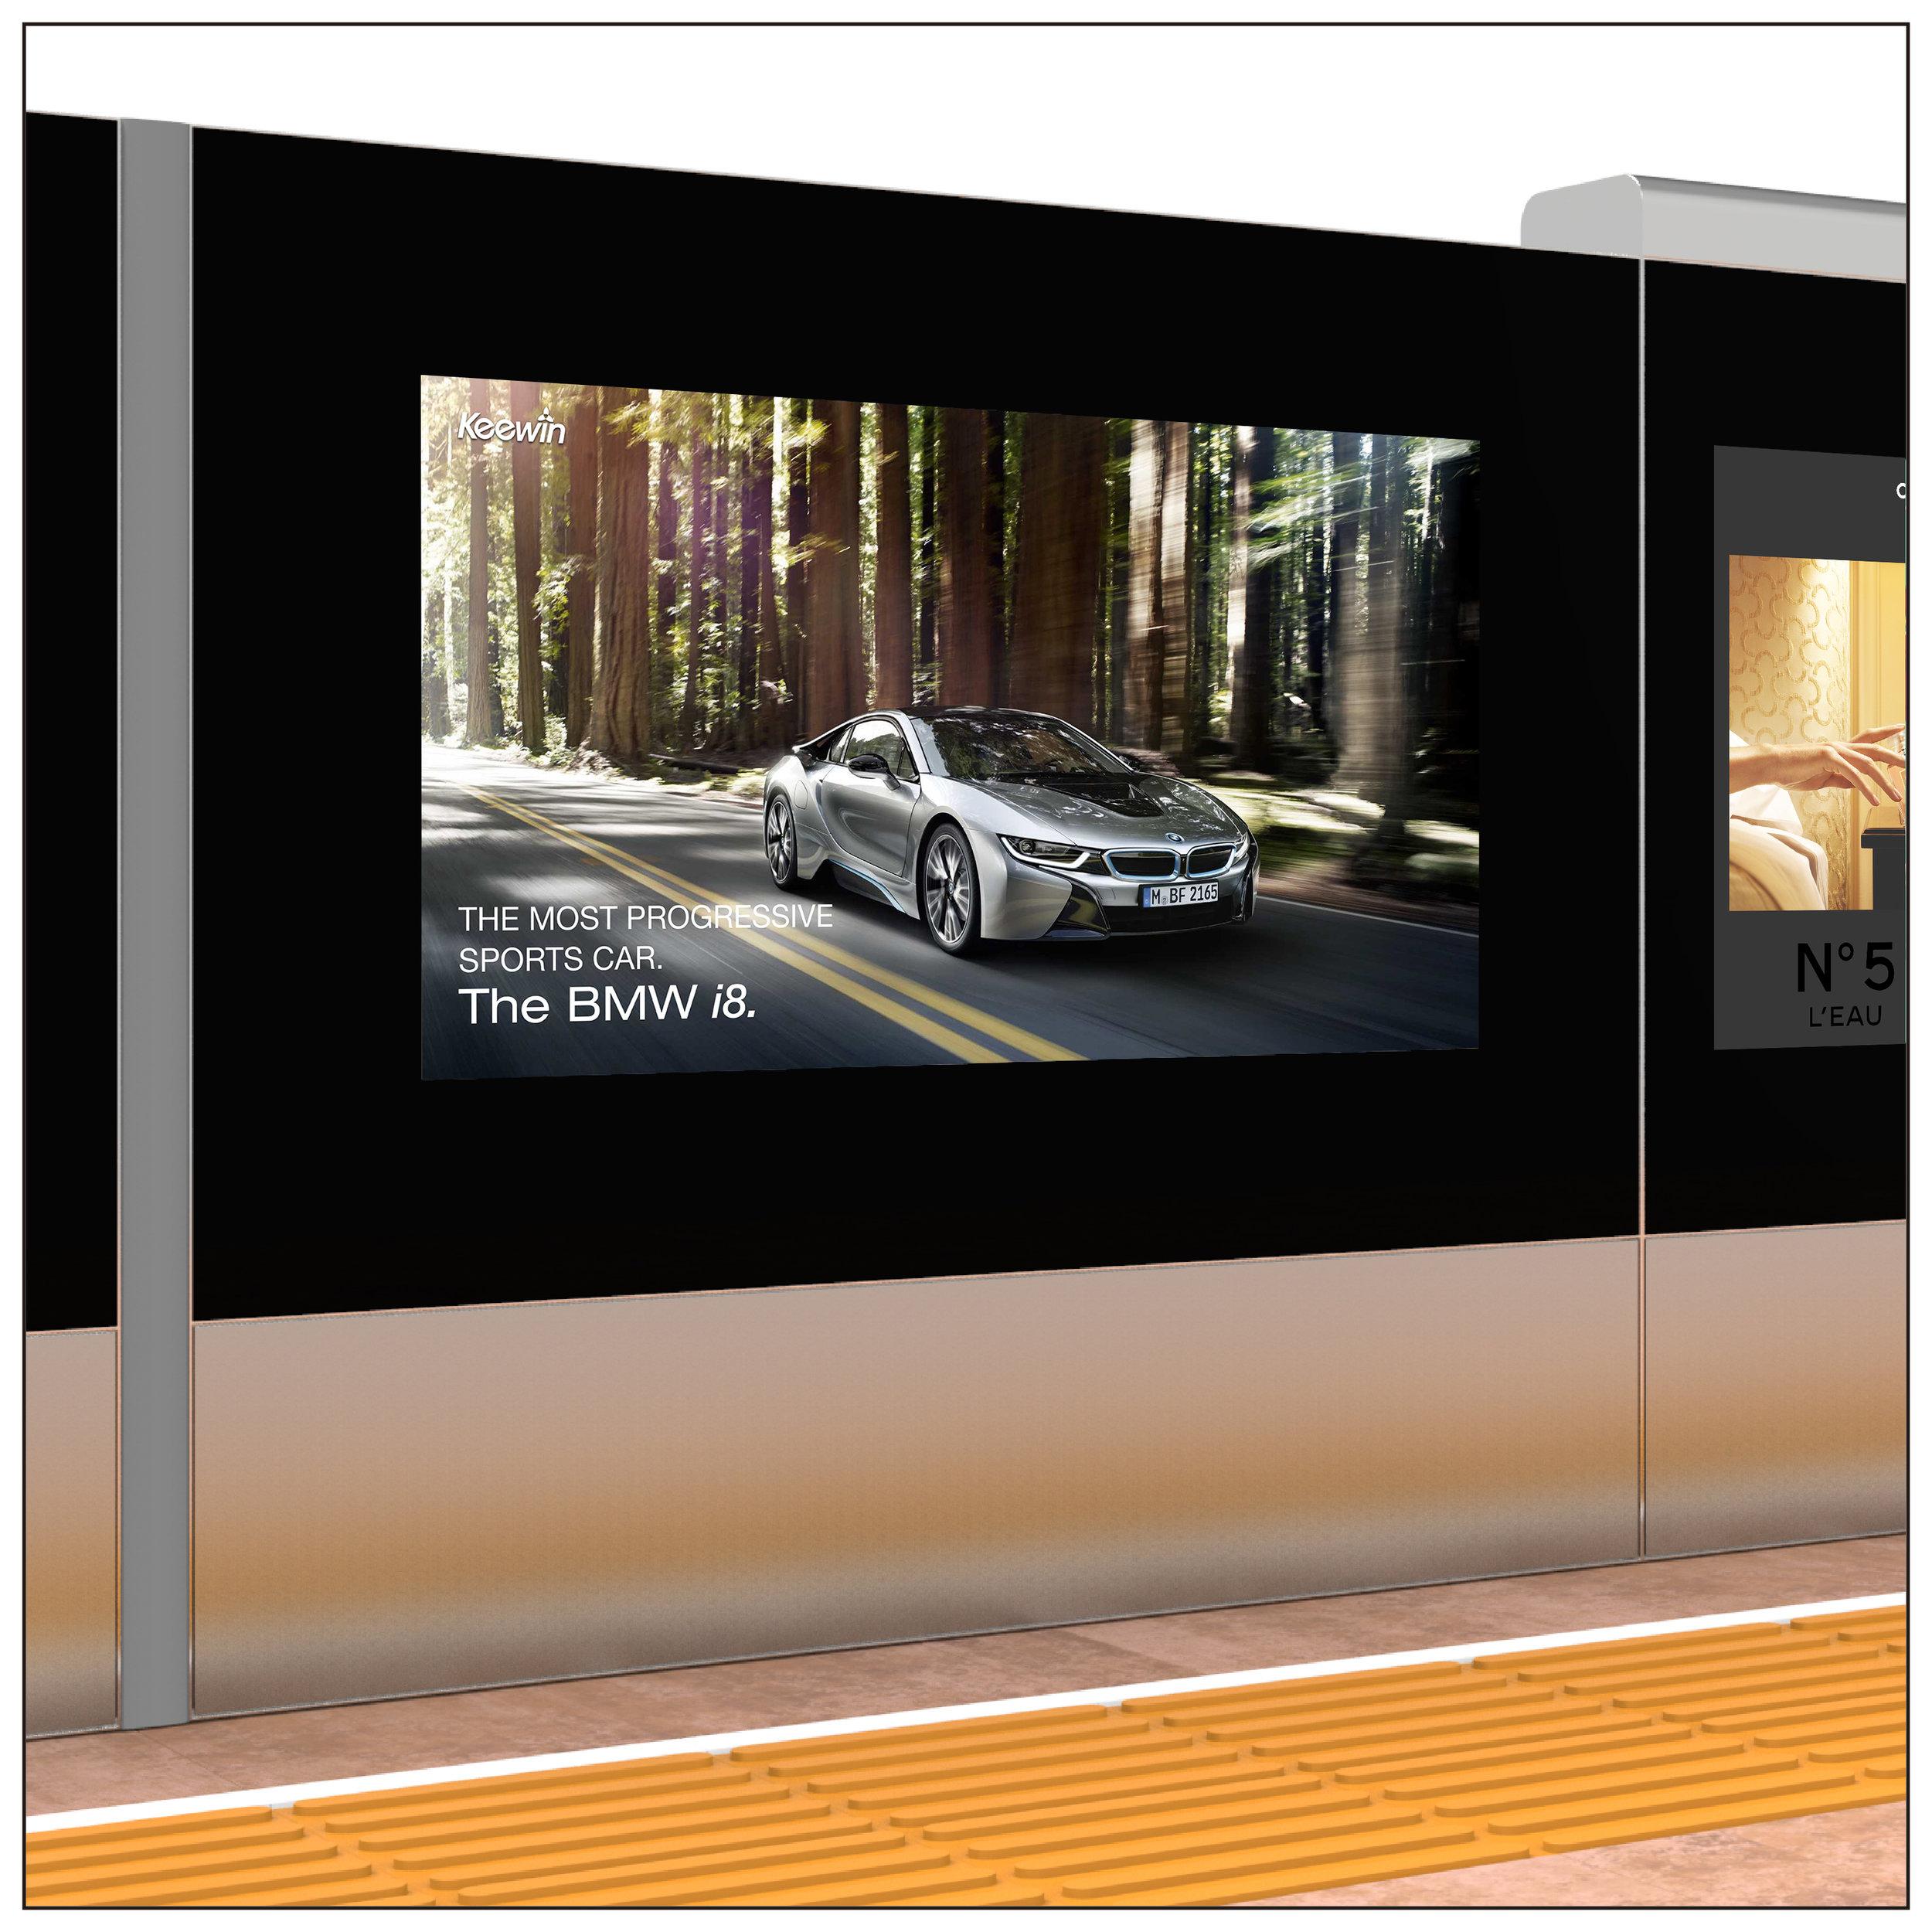 Train / Metro Platform Screen Door Displays